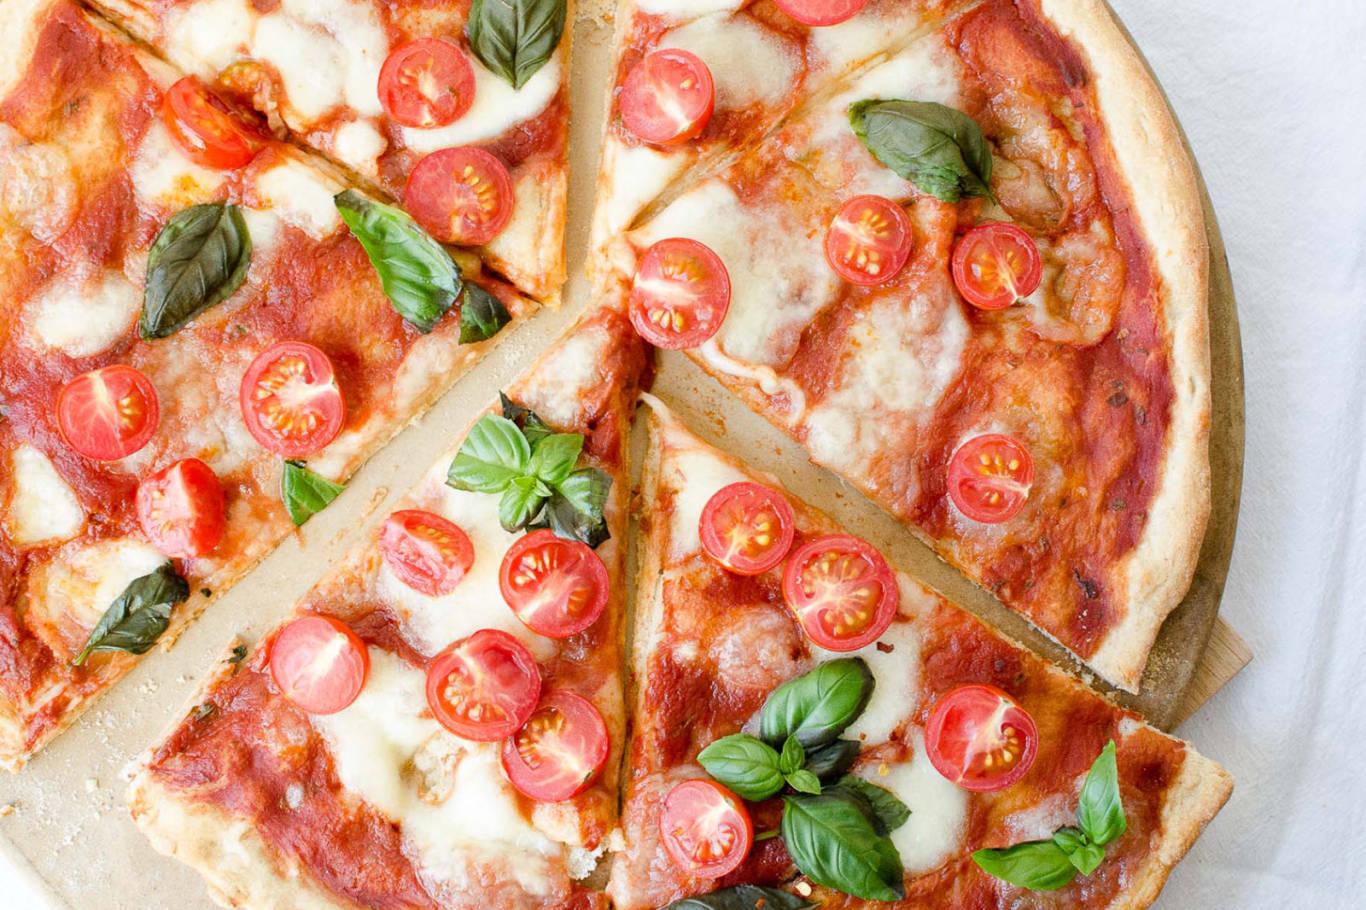 ristobar la deliziosa bar pizzeria asporto catania trappeto san giovanni la punta